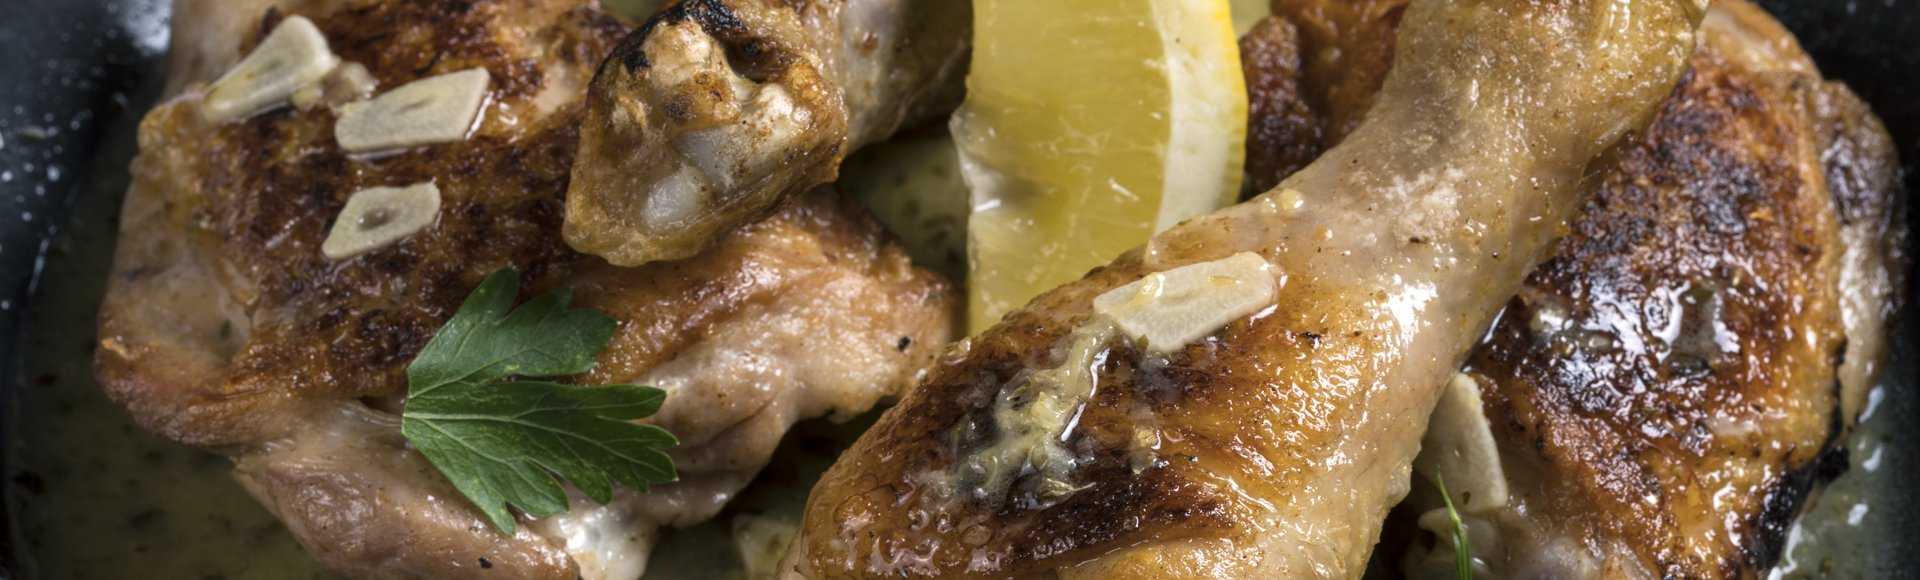 Κοτόπουλο λεμονάτο στο τηγάνι